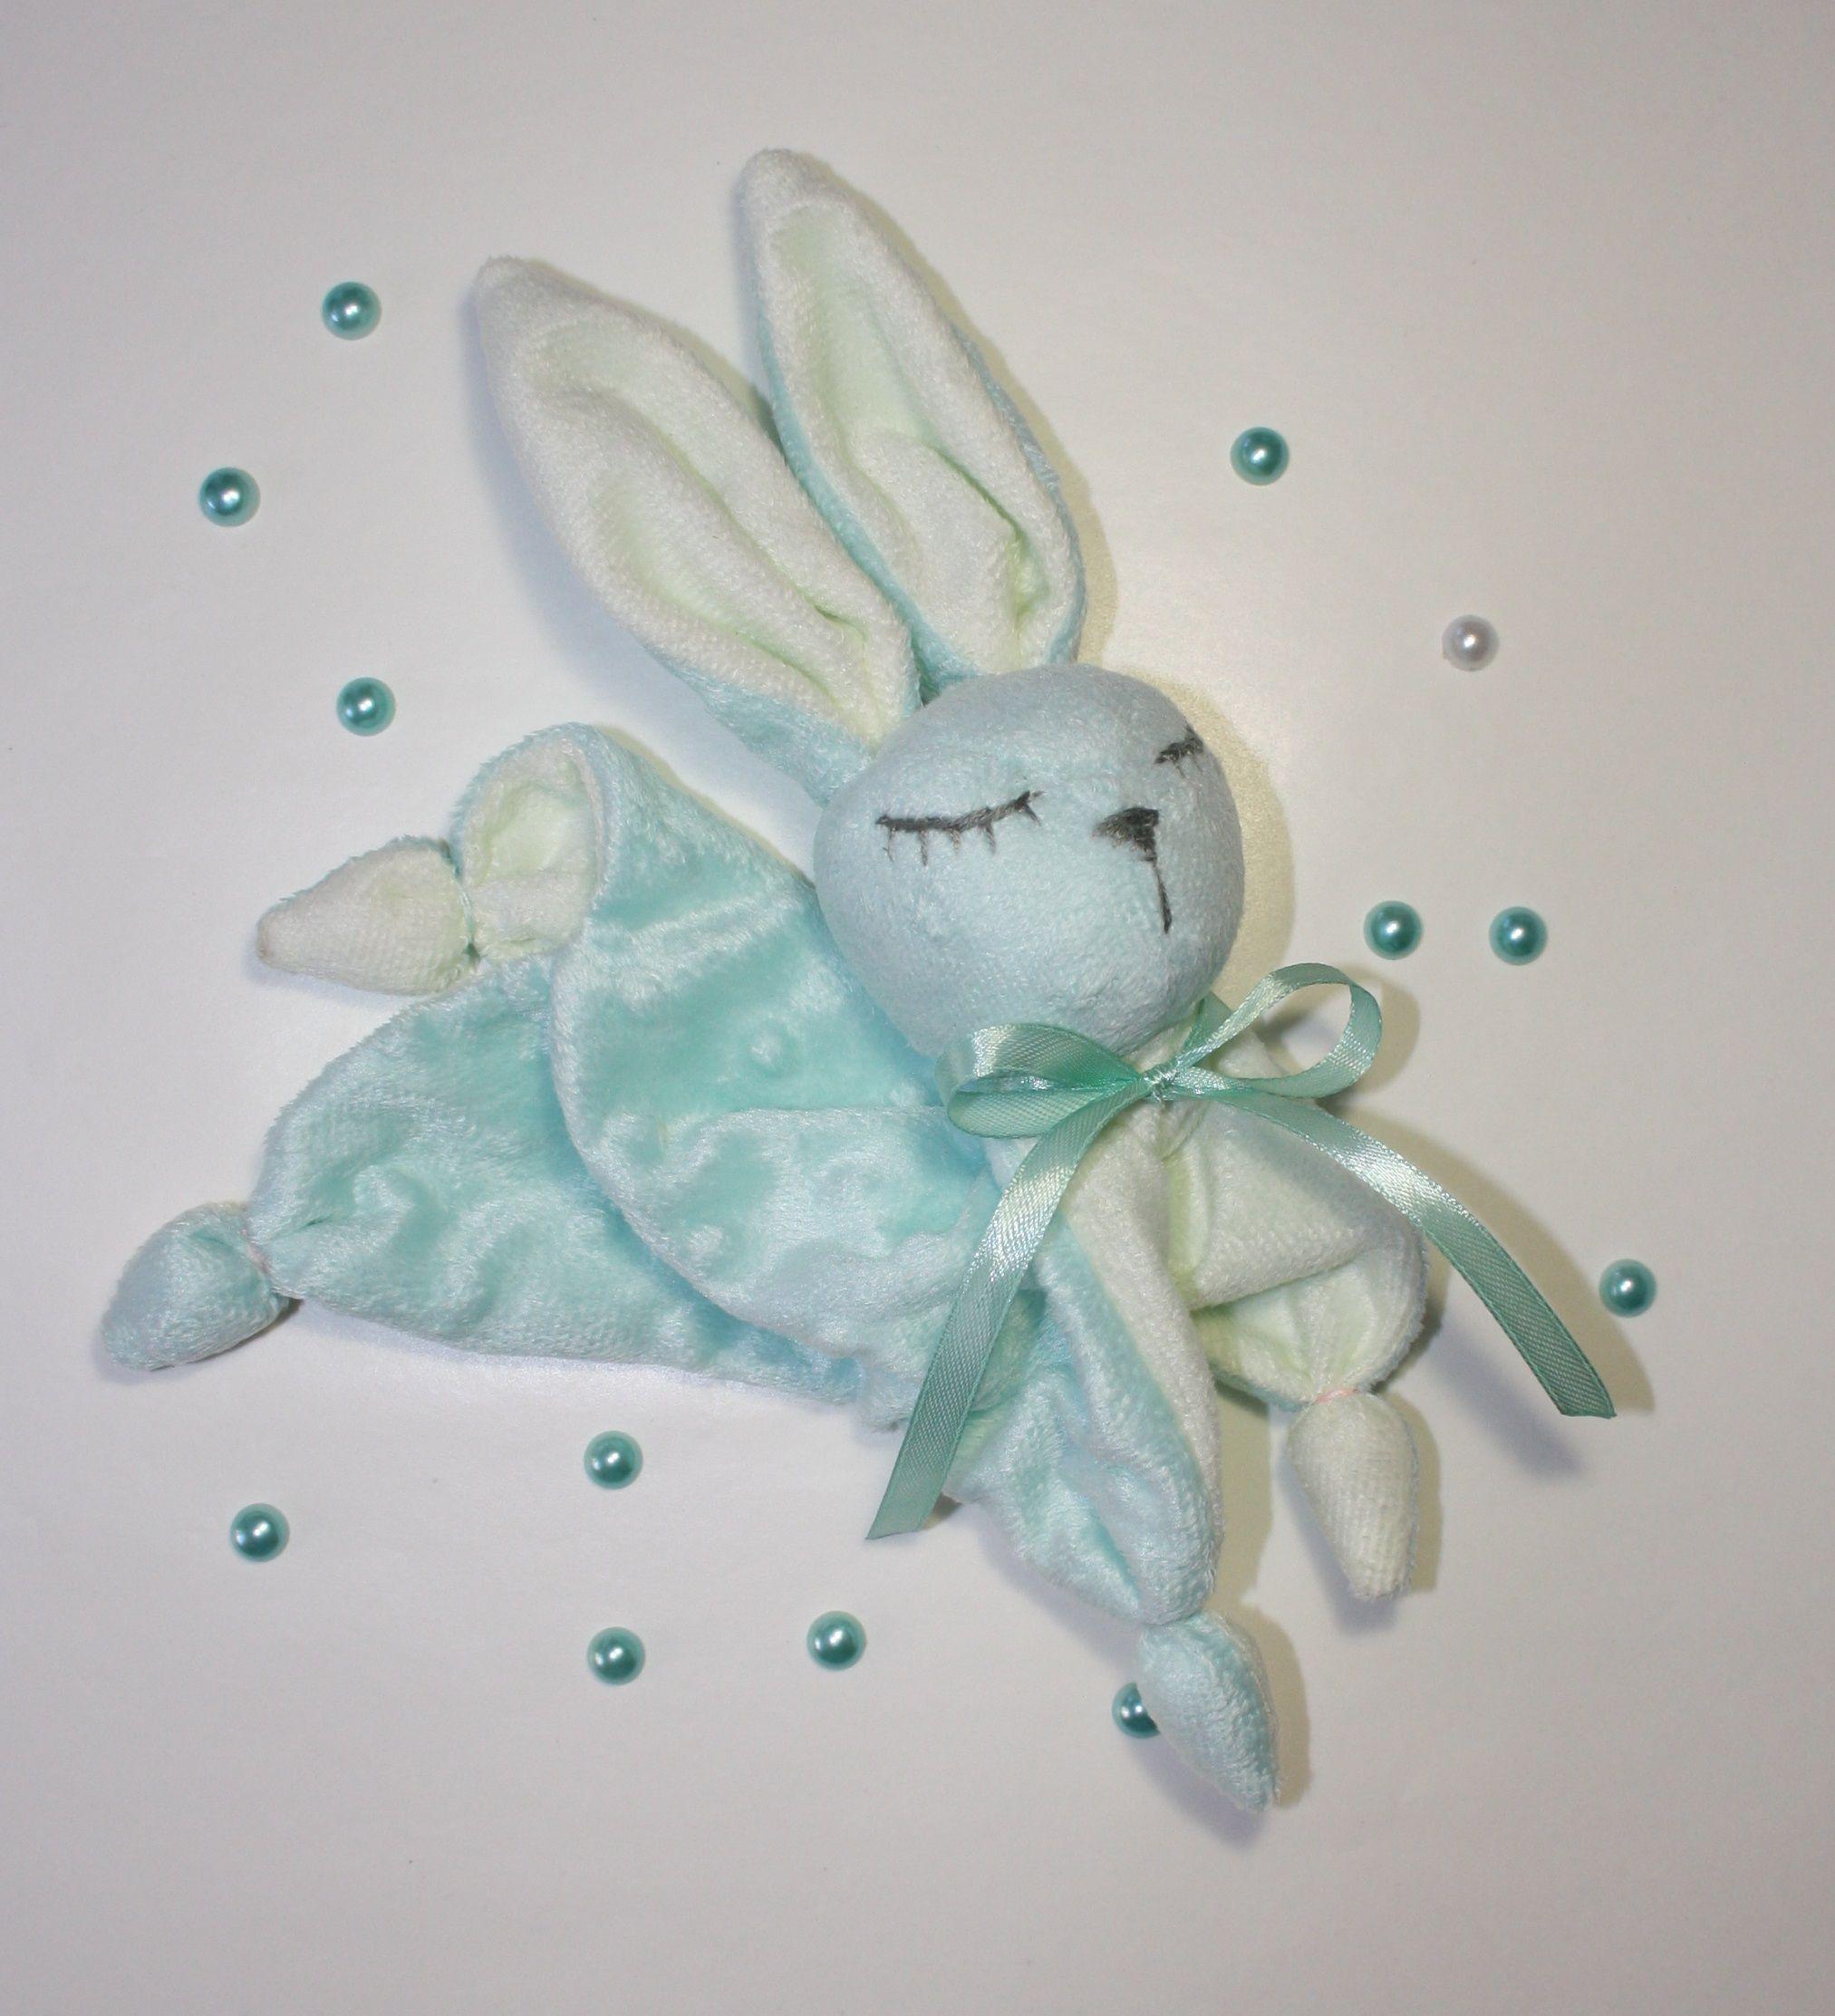 плюш игрушка сплюшка комфортер зайчик зайка подарок новорожденным